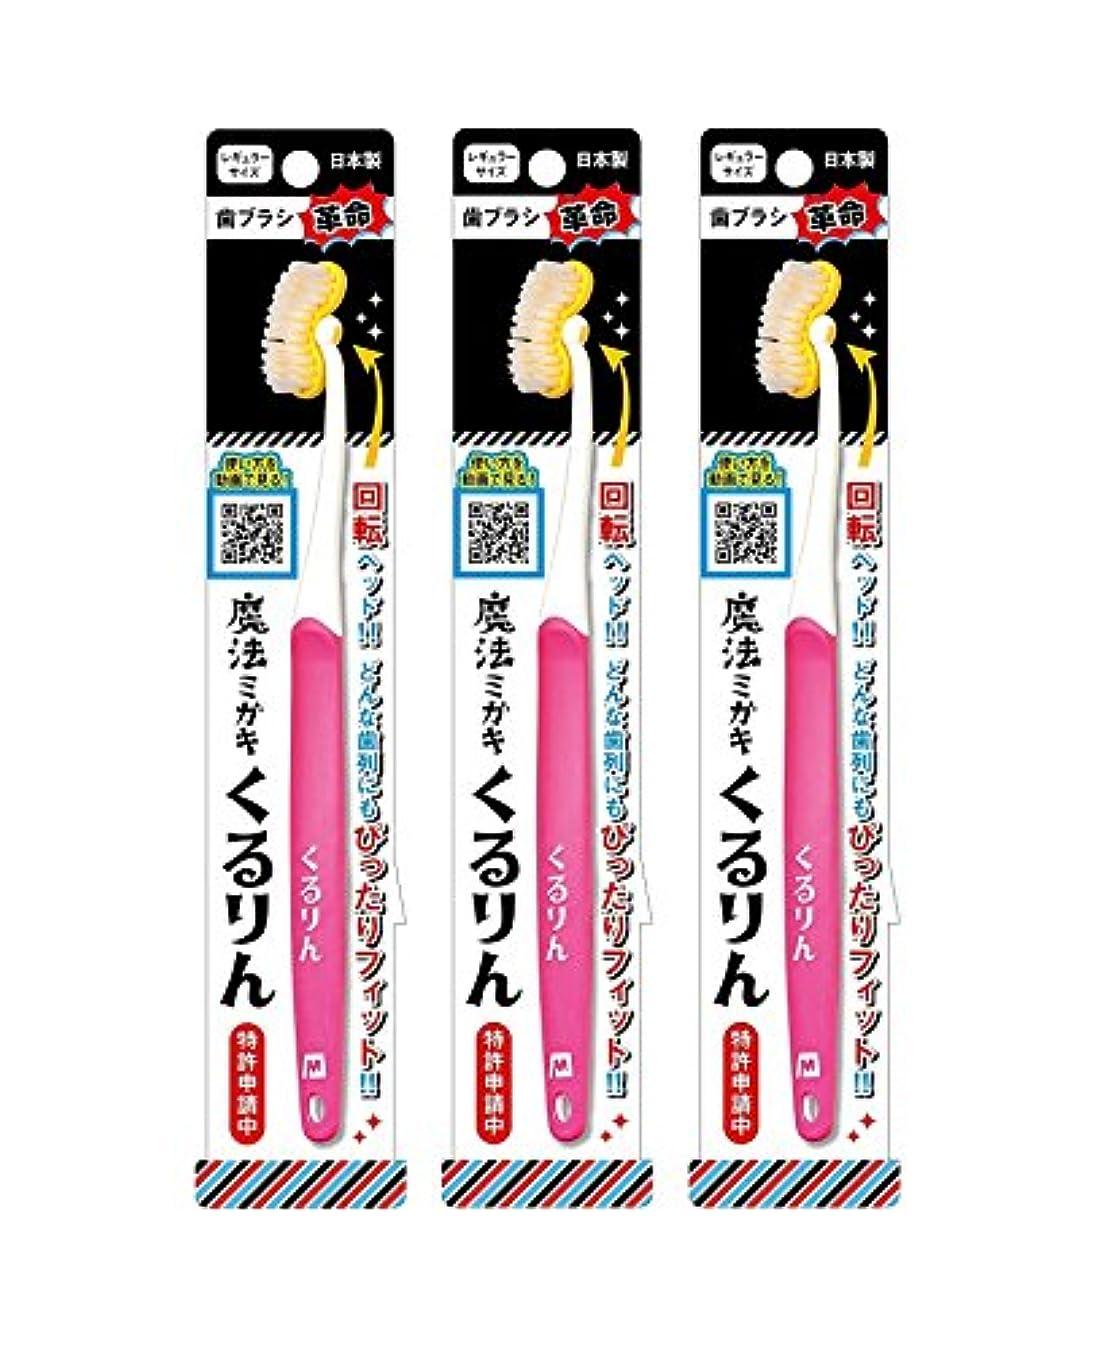 カウンタ鋭く汚物歯ブラシ革命 魔法ミガキくるりん MM-150 ピンク 3本セット